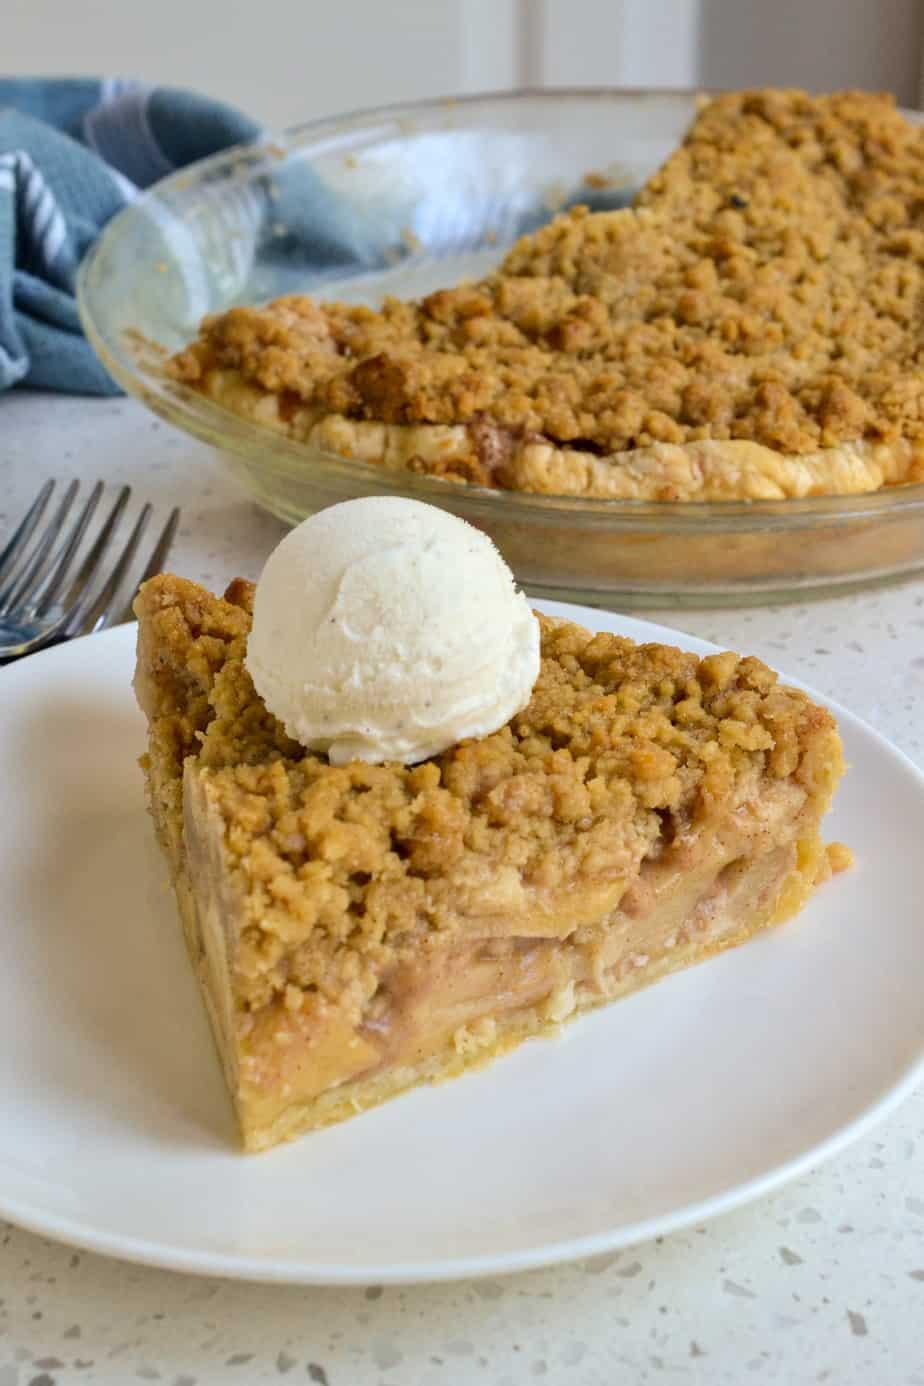 A slice of Dutch Apple Pie a la mode.